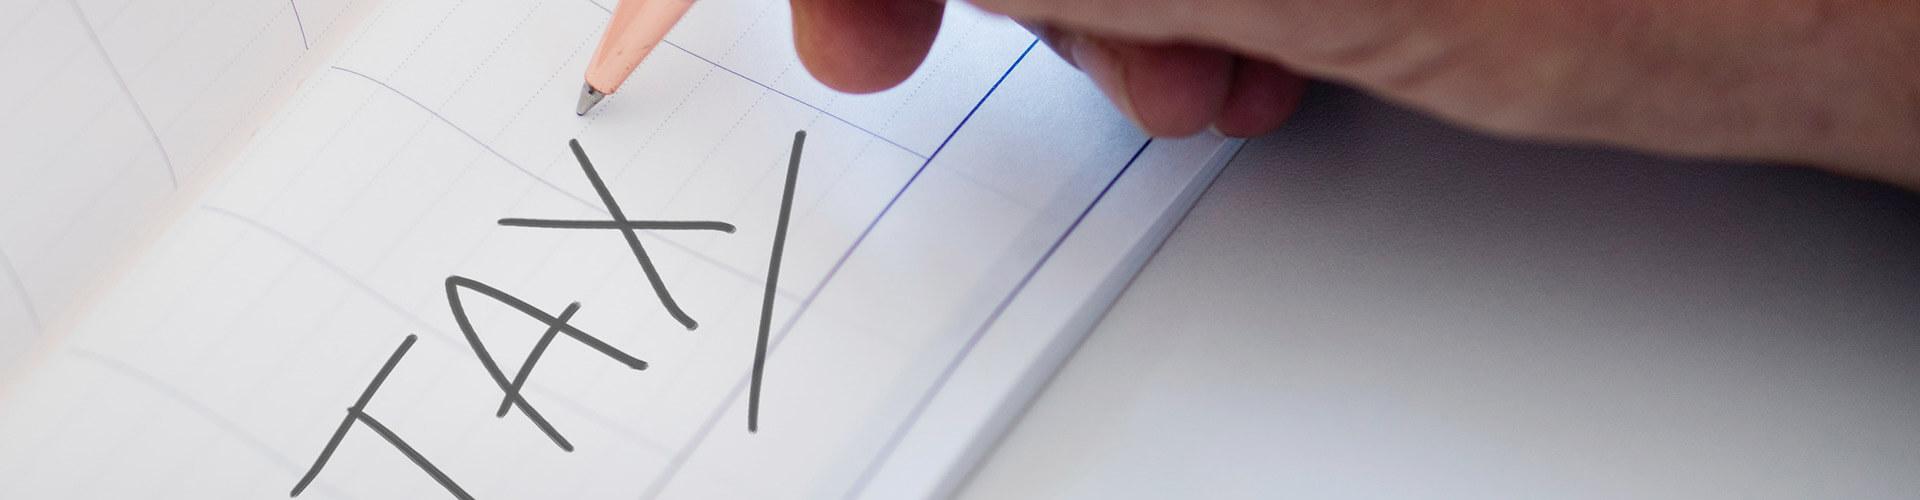 3e pilier et impôts : quels avantages fiscaux espérer ? | www.troisiemepiliersuisse.info